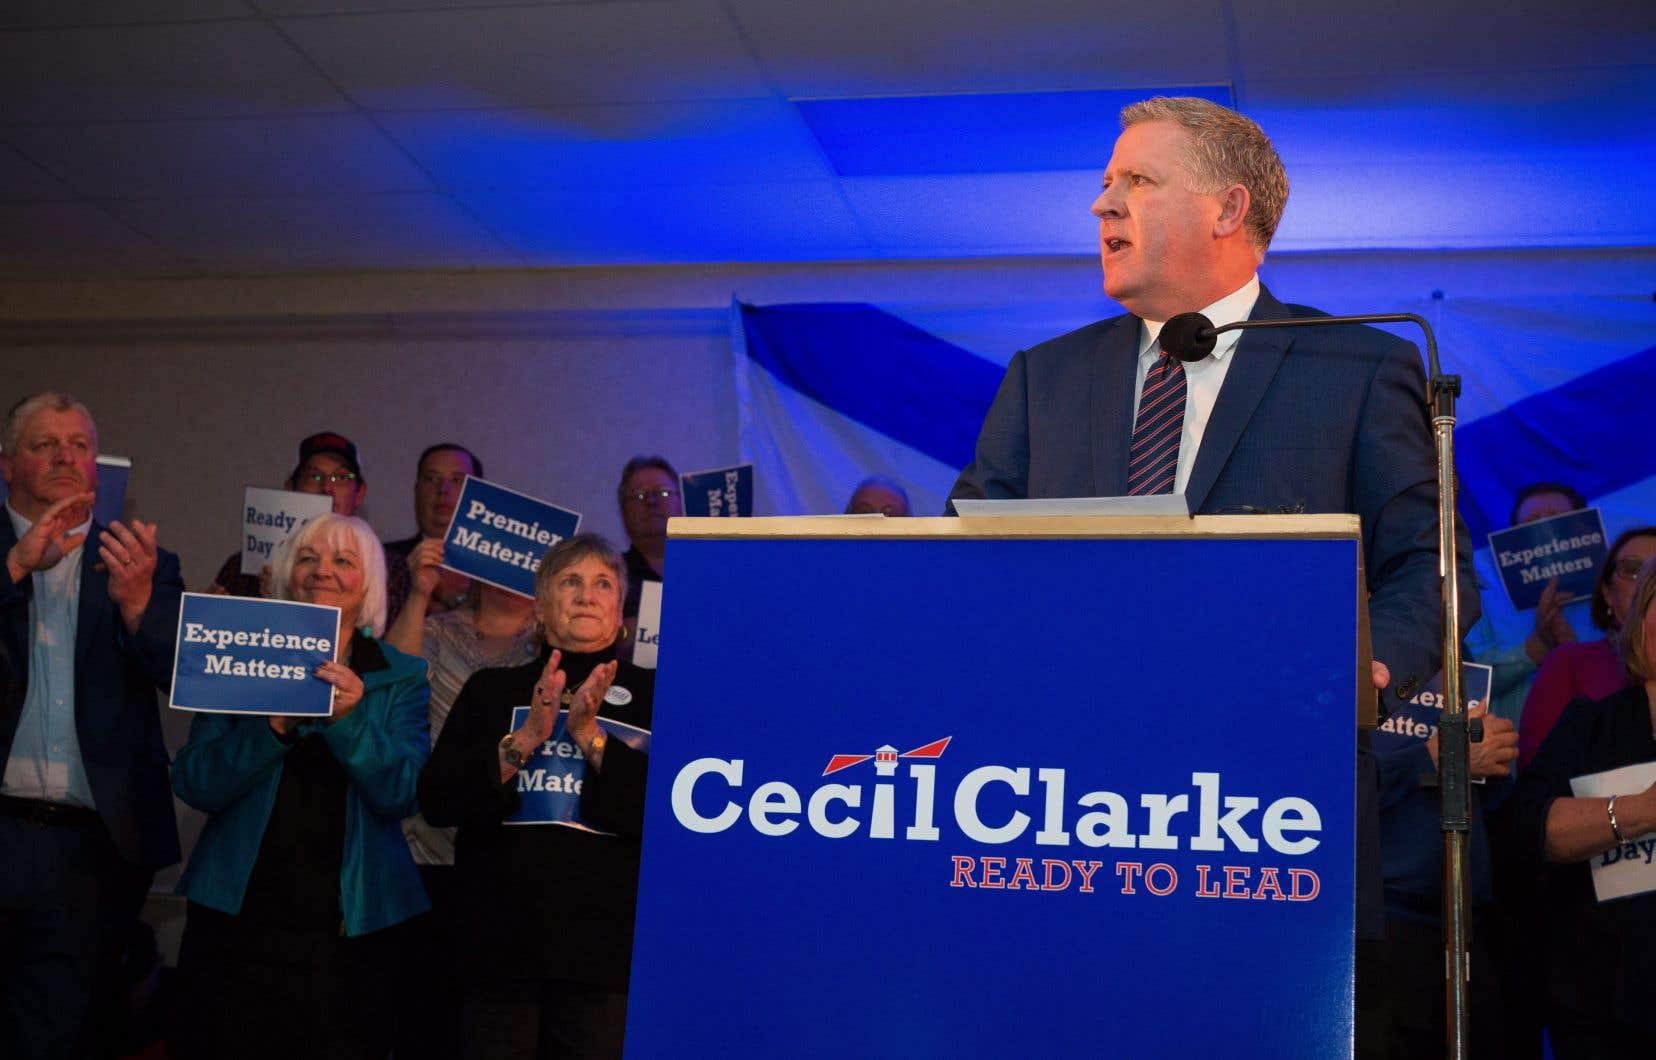 Cecil Clarke, le maire de la municipalité régionale de Cap-Breton